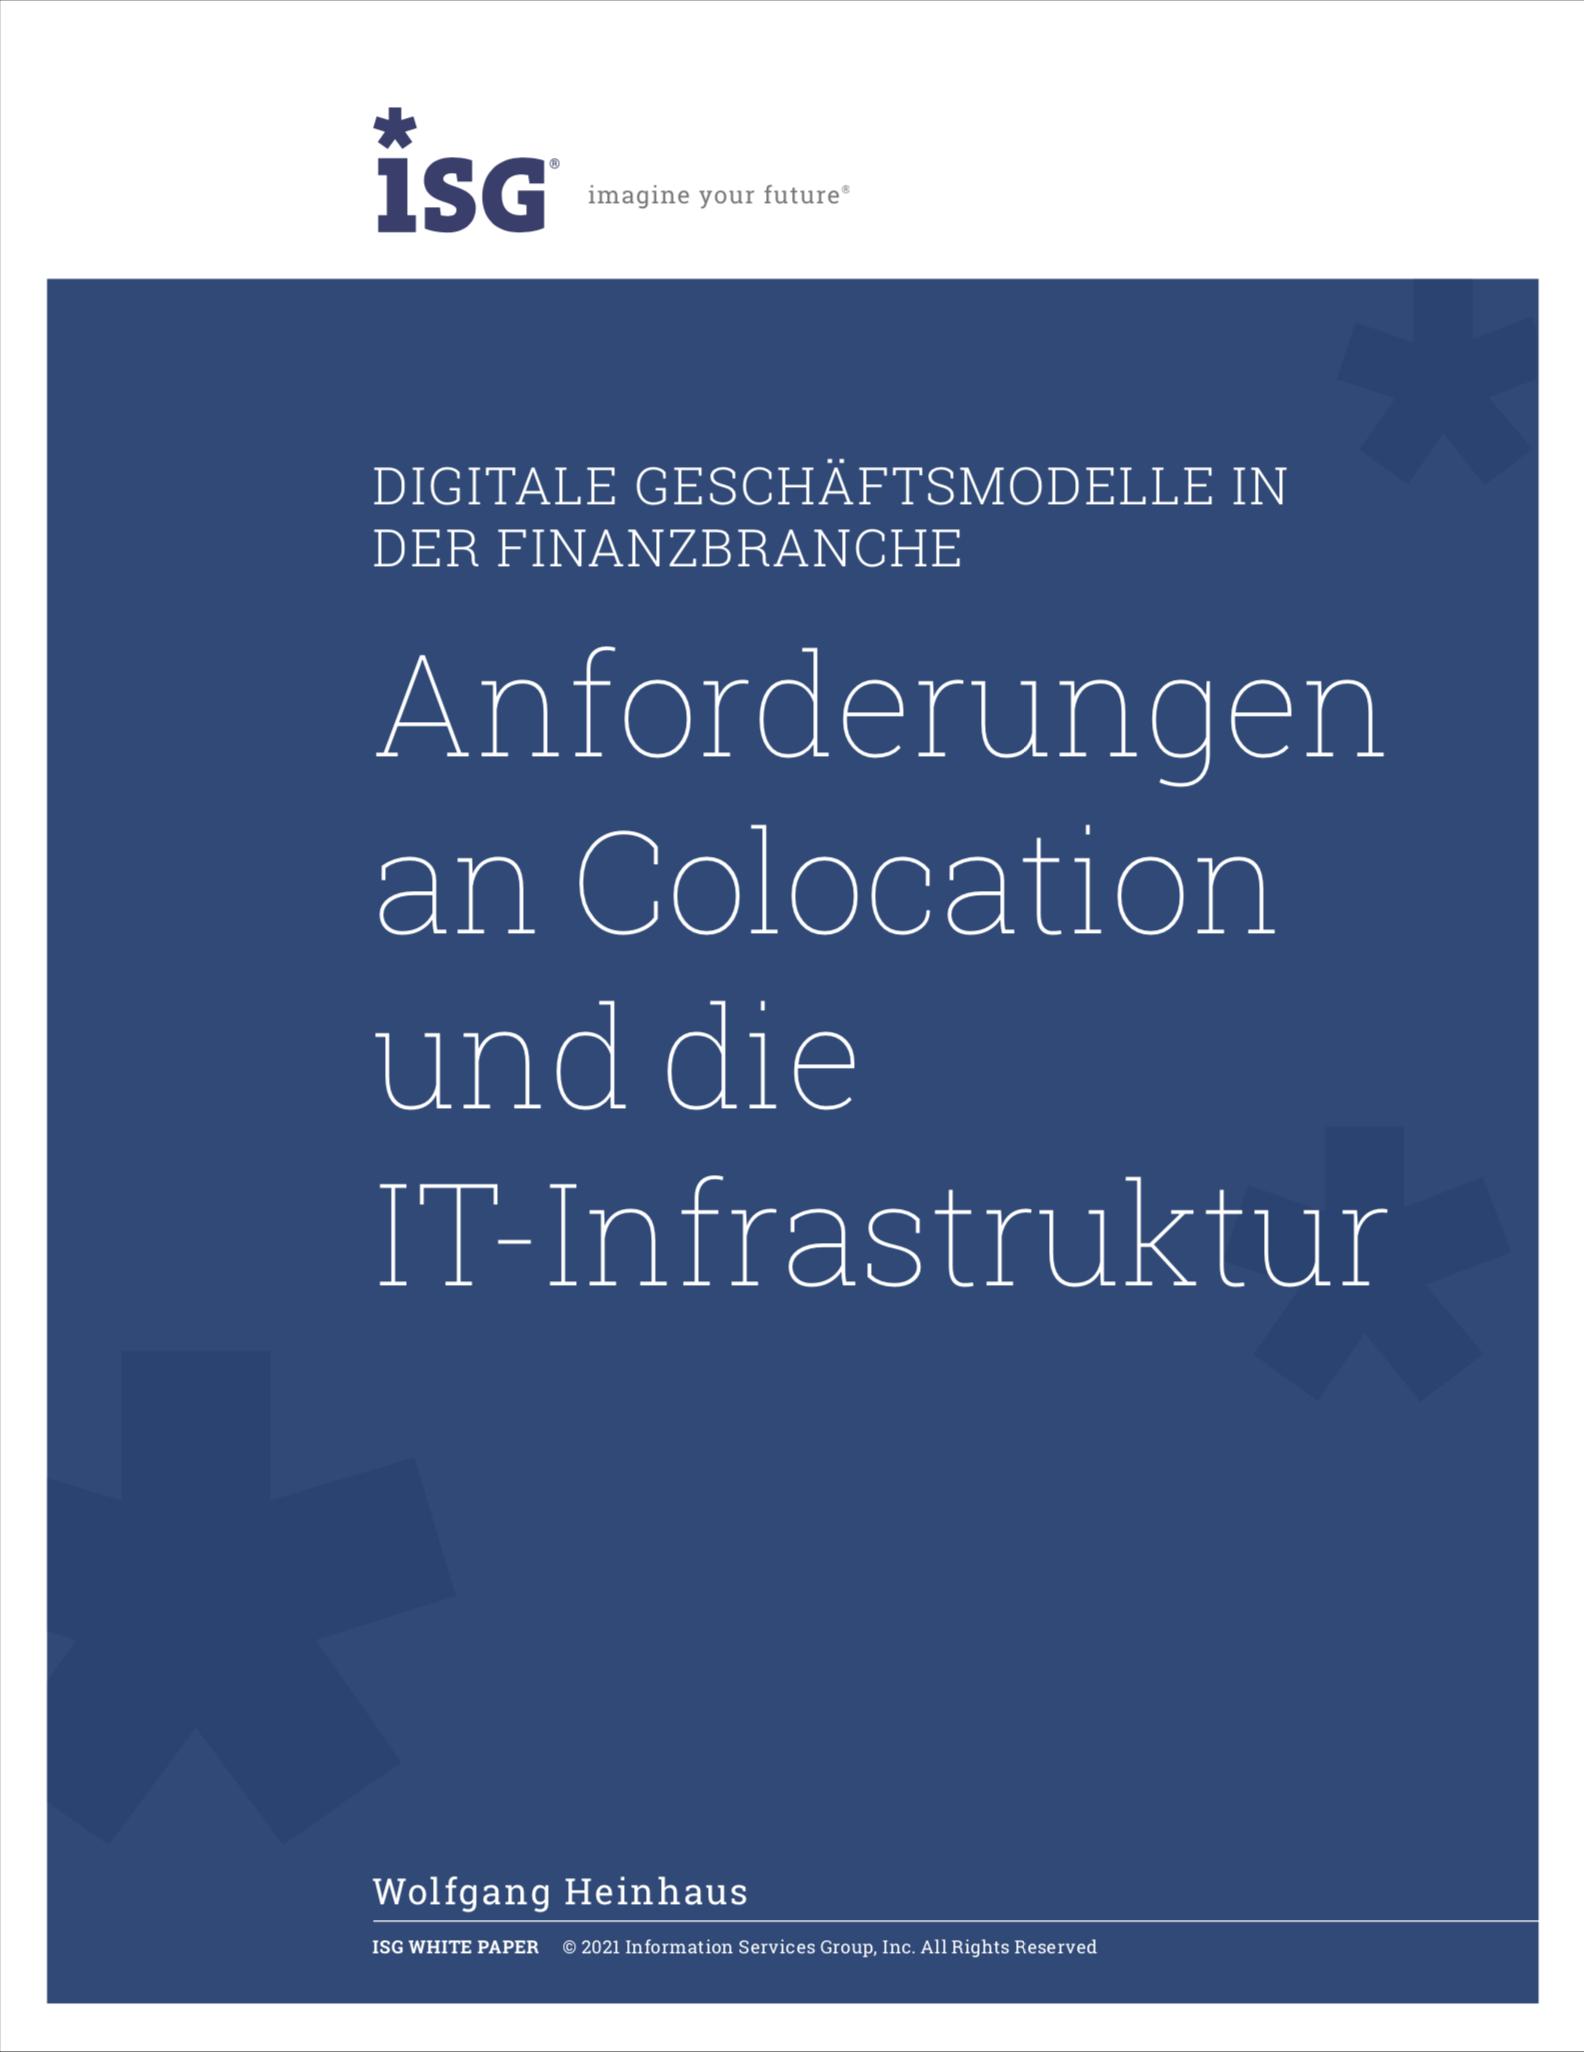 Anforderungen an Colocation und die IT-Infrastruktur